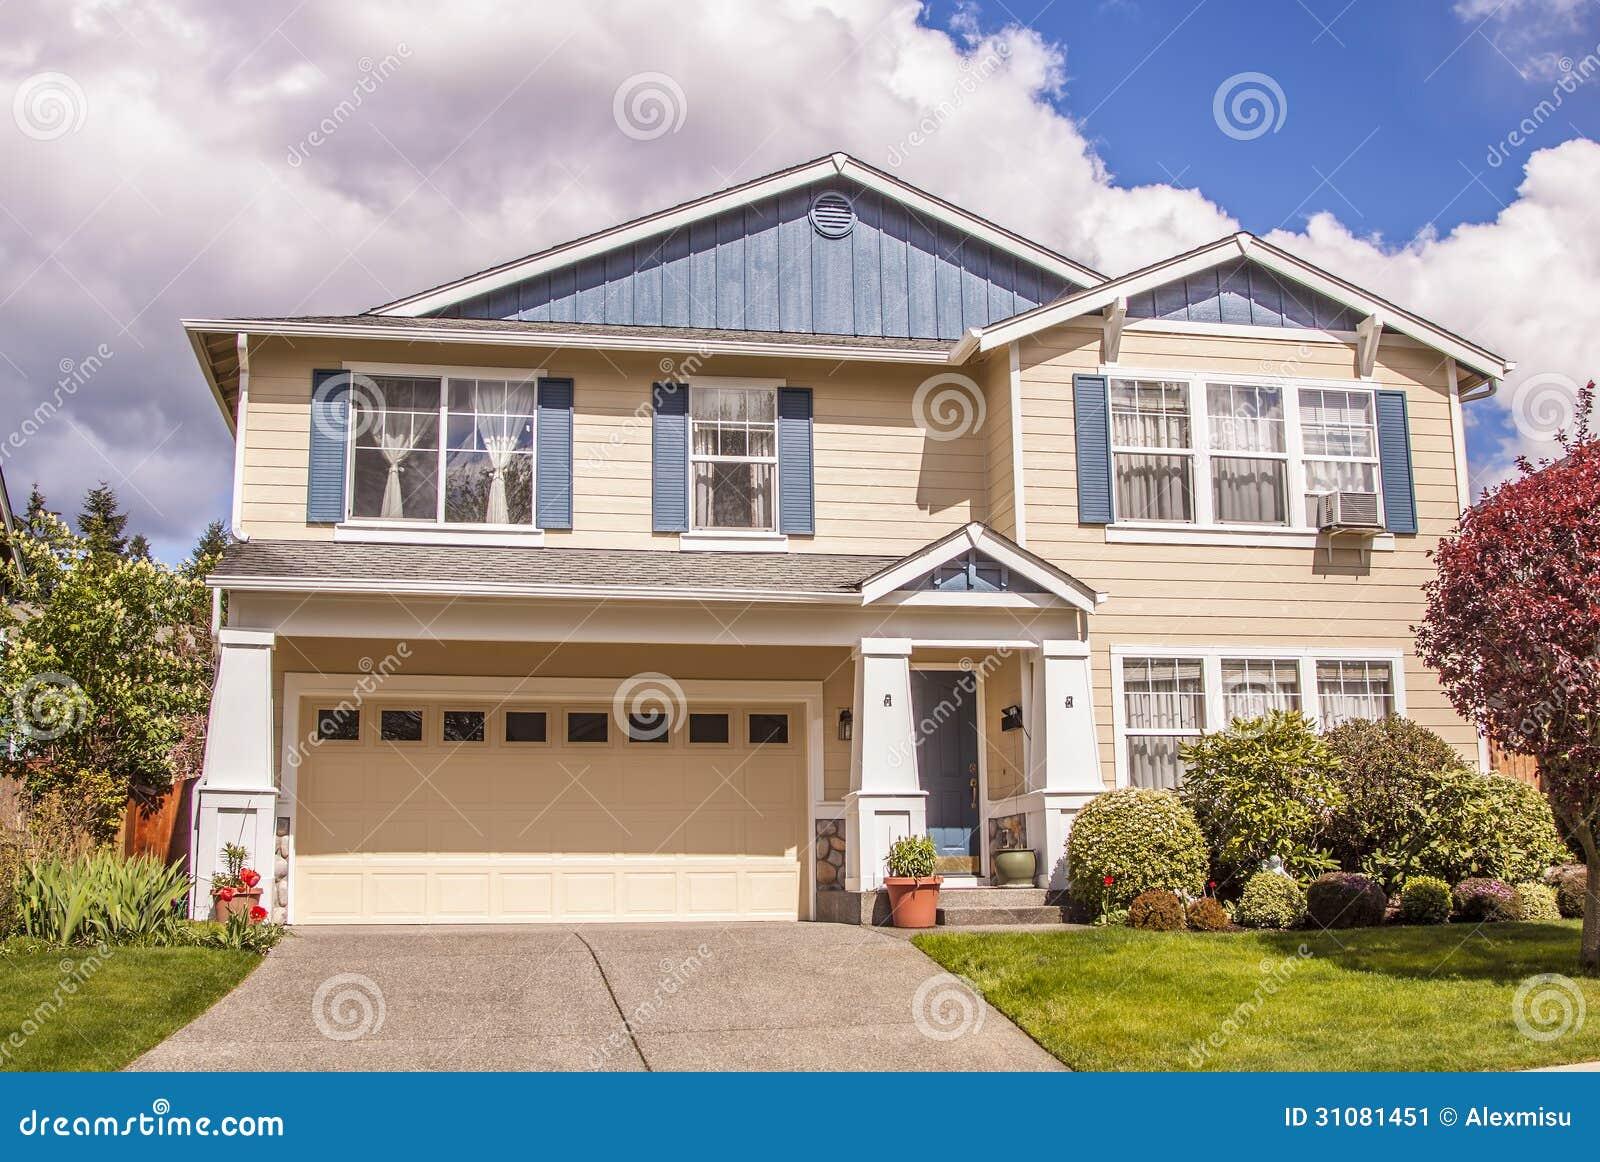 Suburban House Stock Image Image 31081451